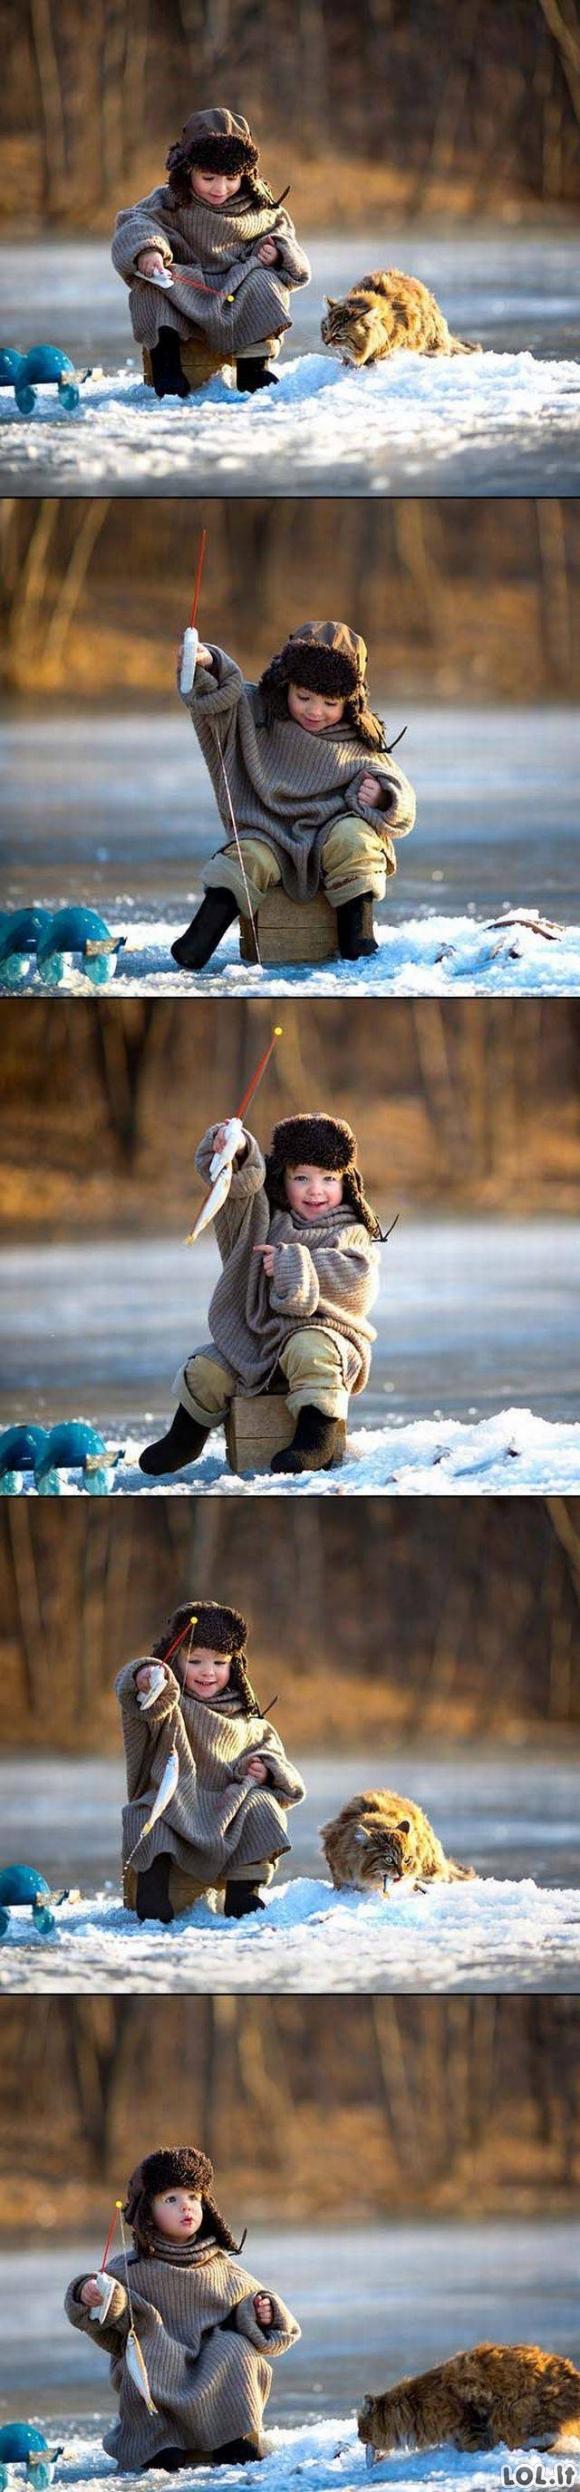 Dienos foto perliukai [20+ FOTO]